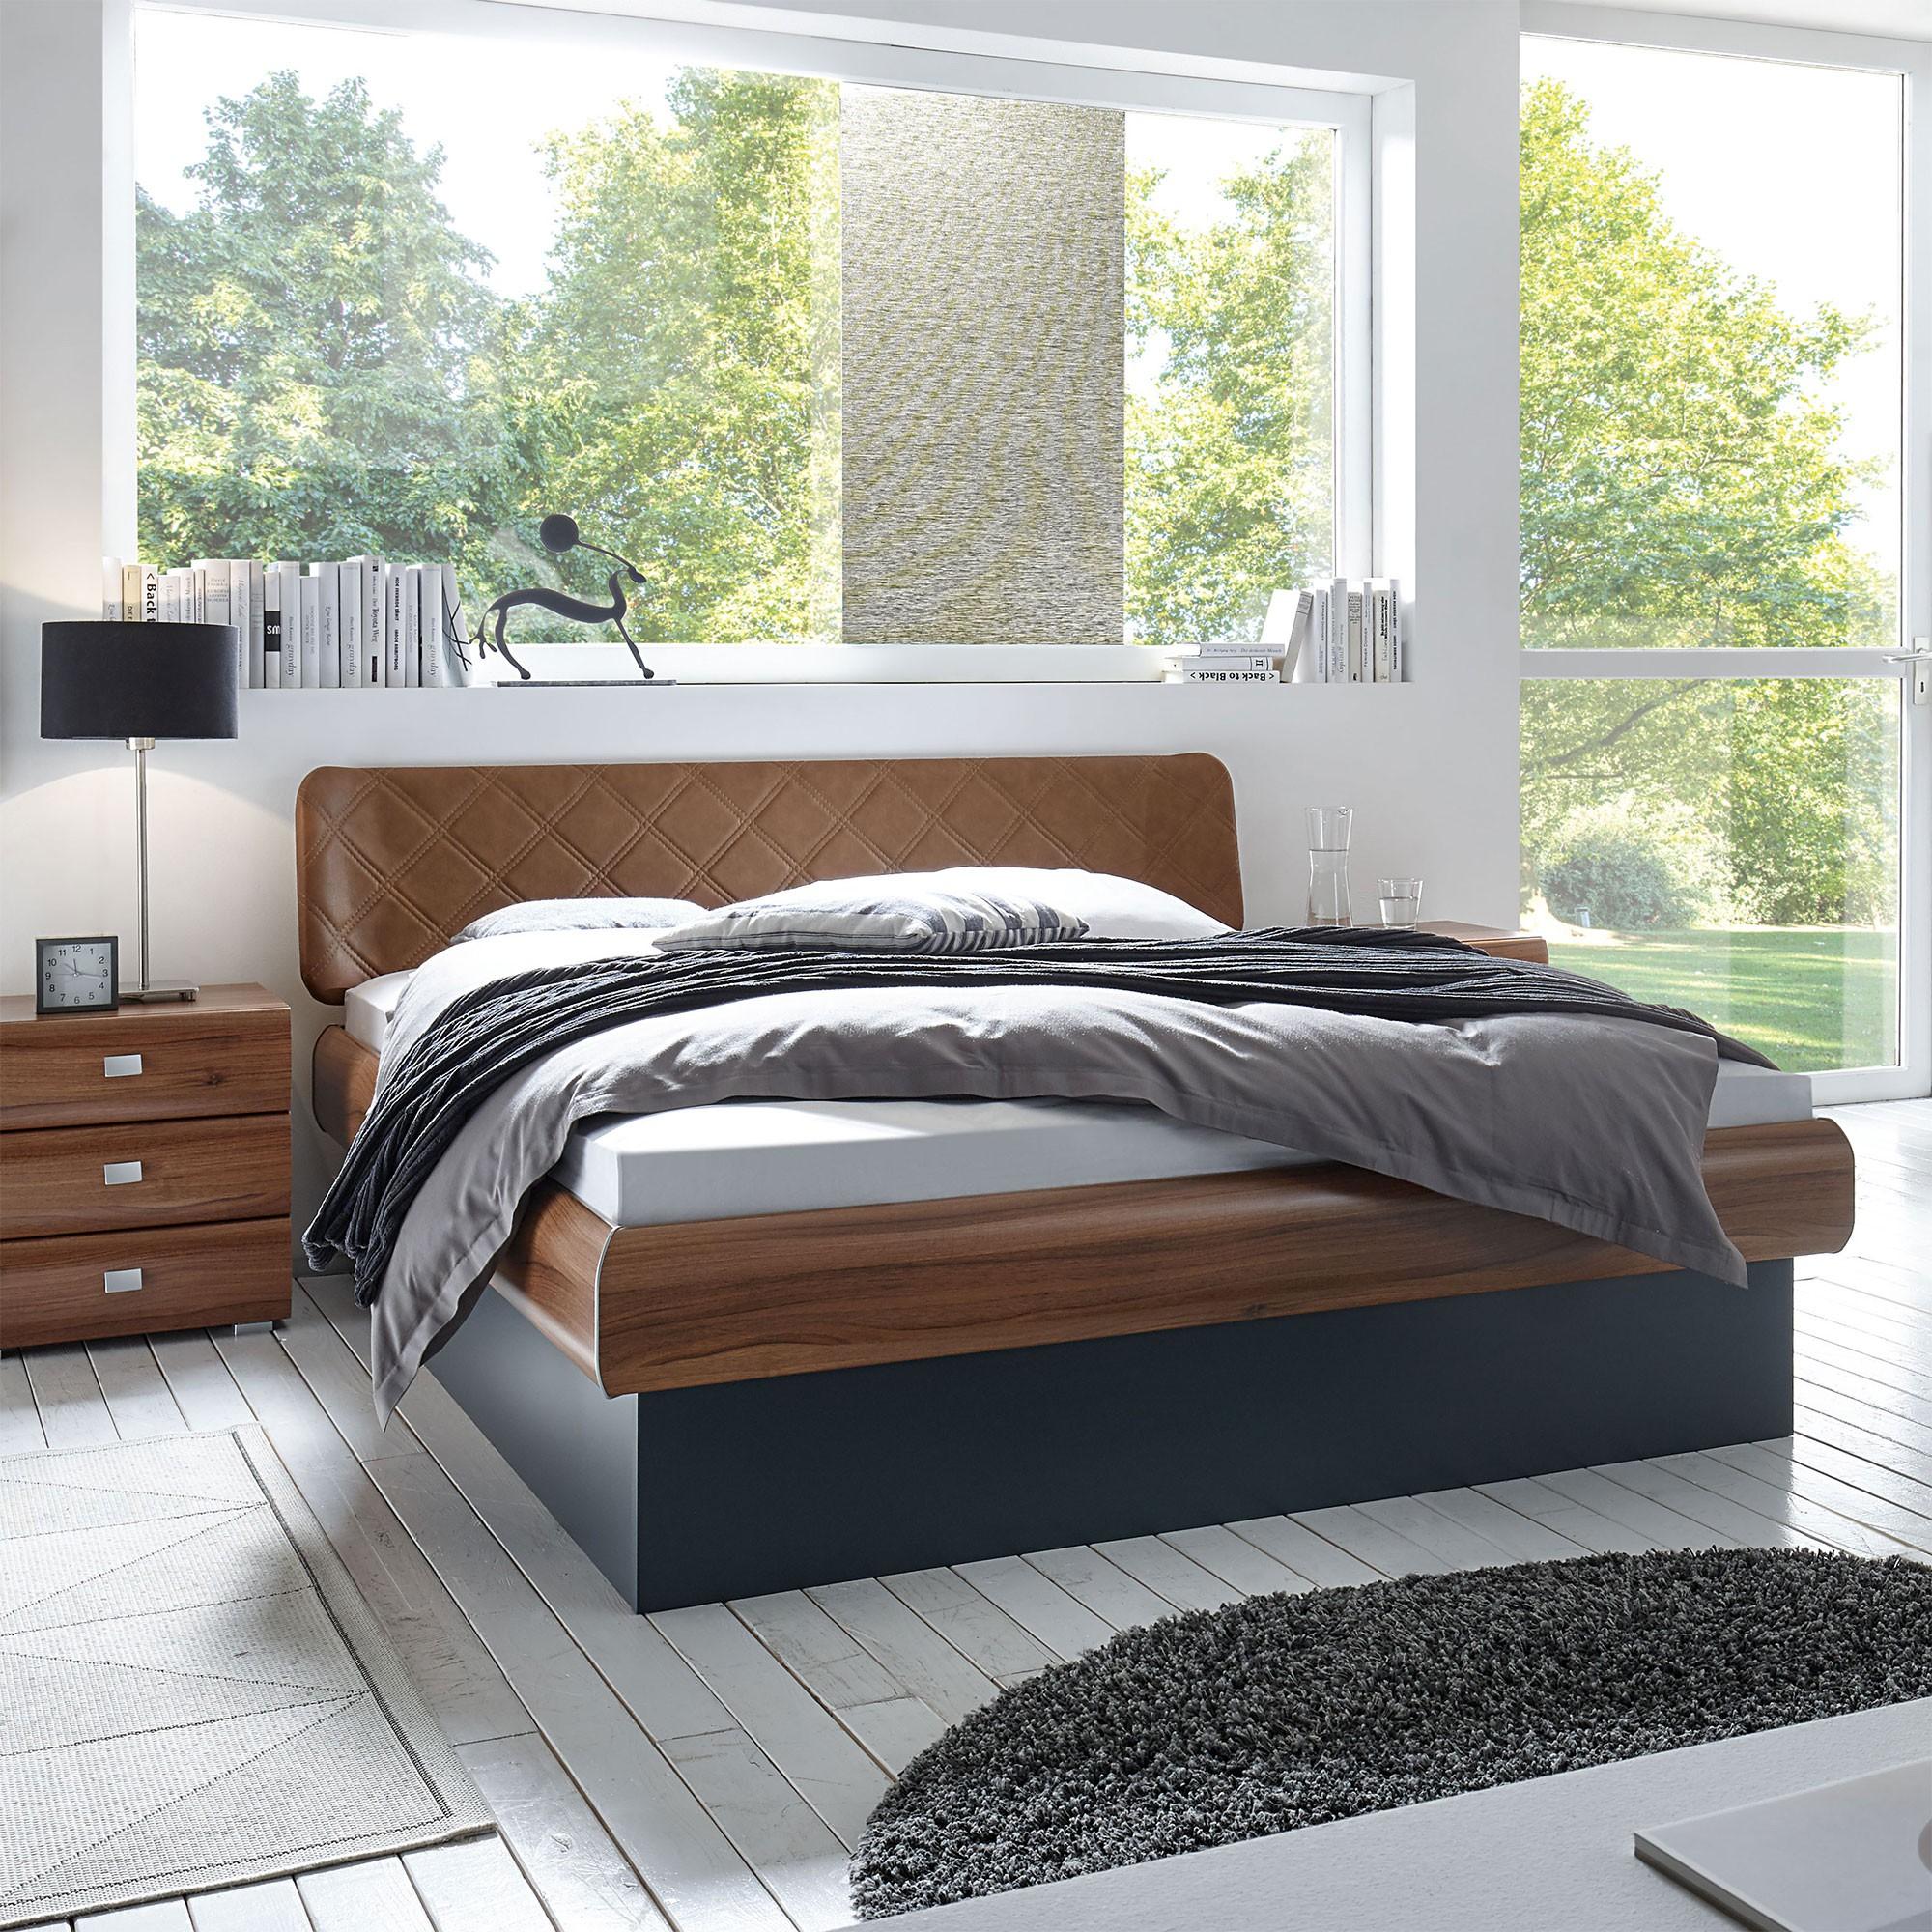 Full Size of Hasena Top Line Bett Prestige 18 Practico Gabo Online Kaufen Belama Betten Jensen Günstig Sofa Günstige 180x200 Tagesdecken Für Komplett Schlafzimmer Bett Betten Günstig Kaufen